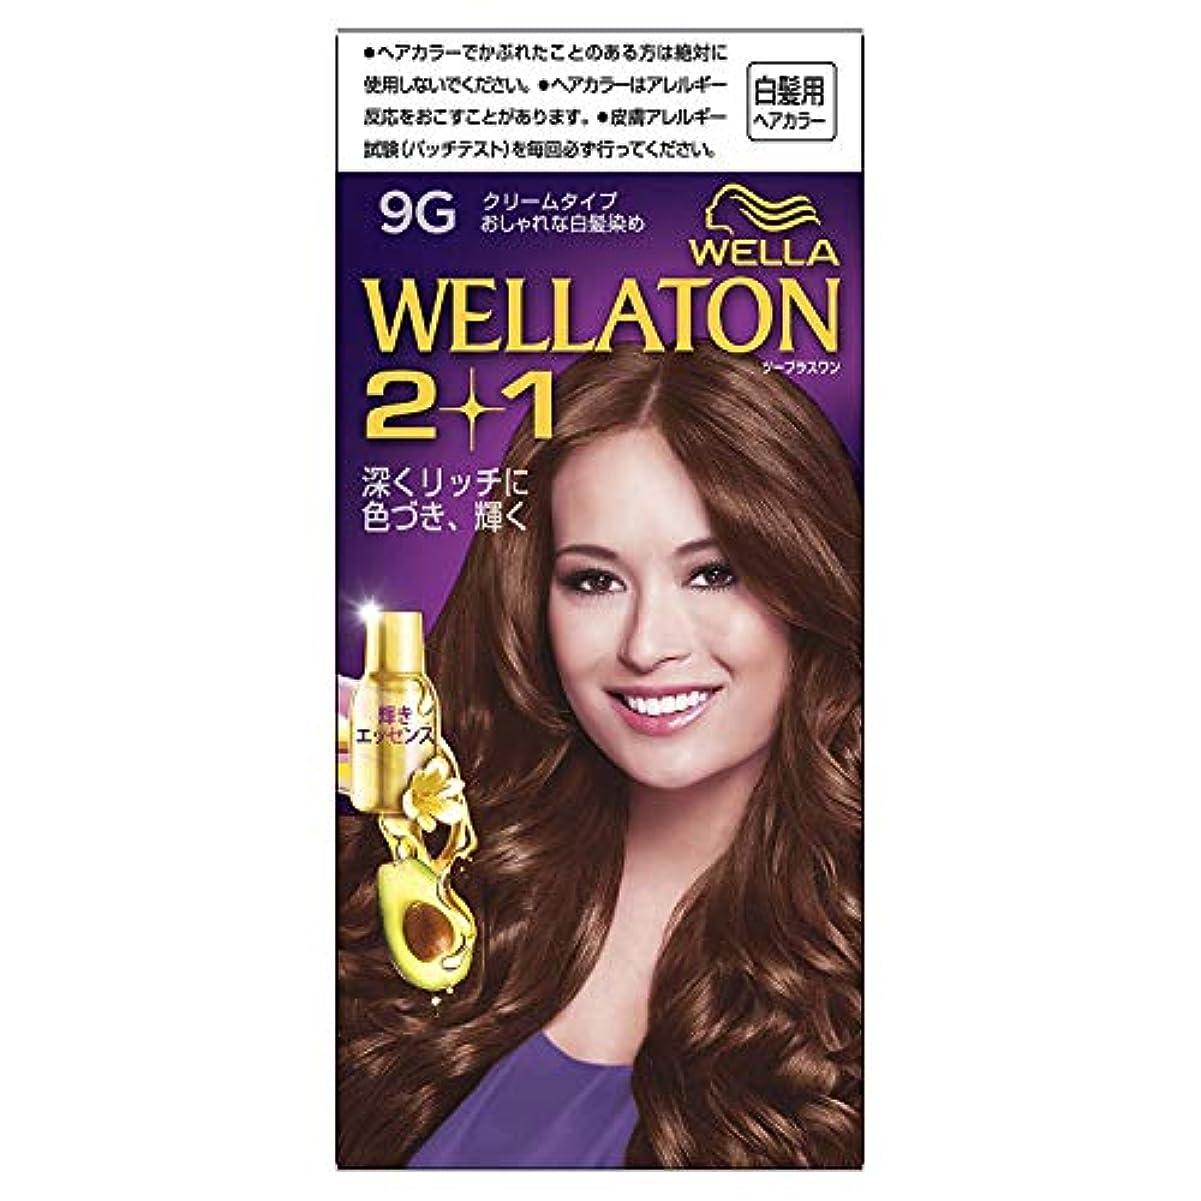 晴れマーティフィールディング毛皮ウエラトーン2+1 クリームタイプ 9G [医薬部外品]×3個